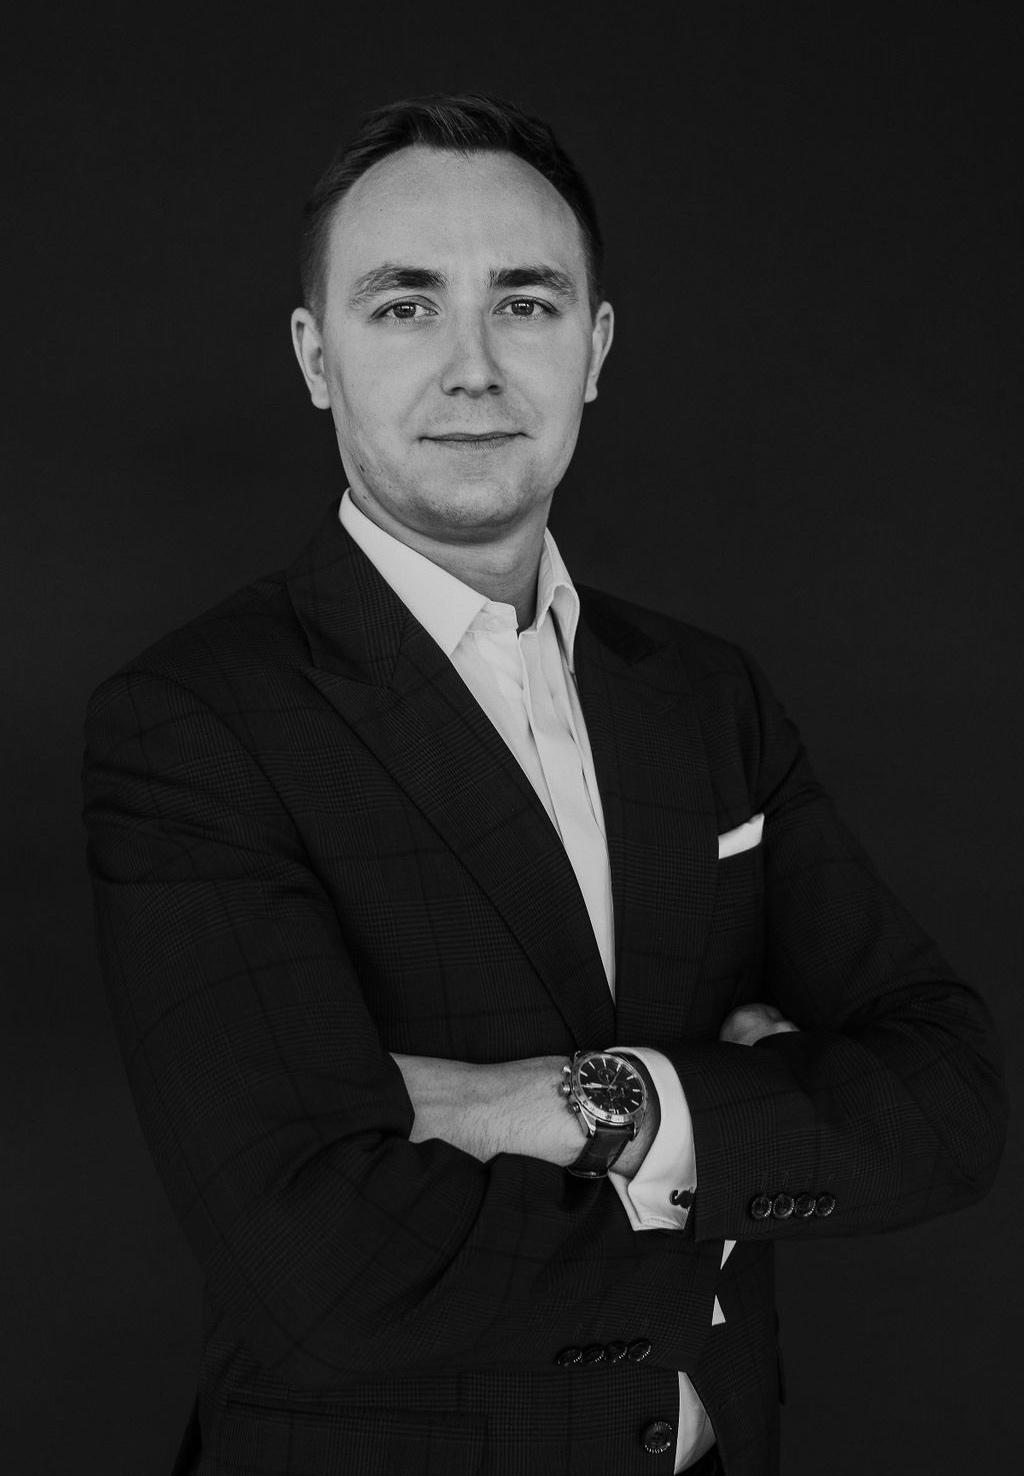 Mateusz Ratajski